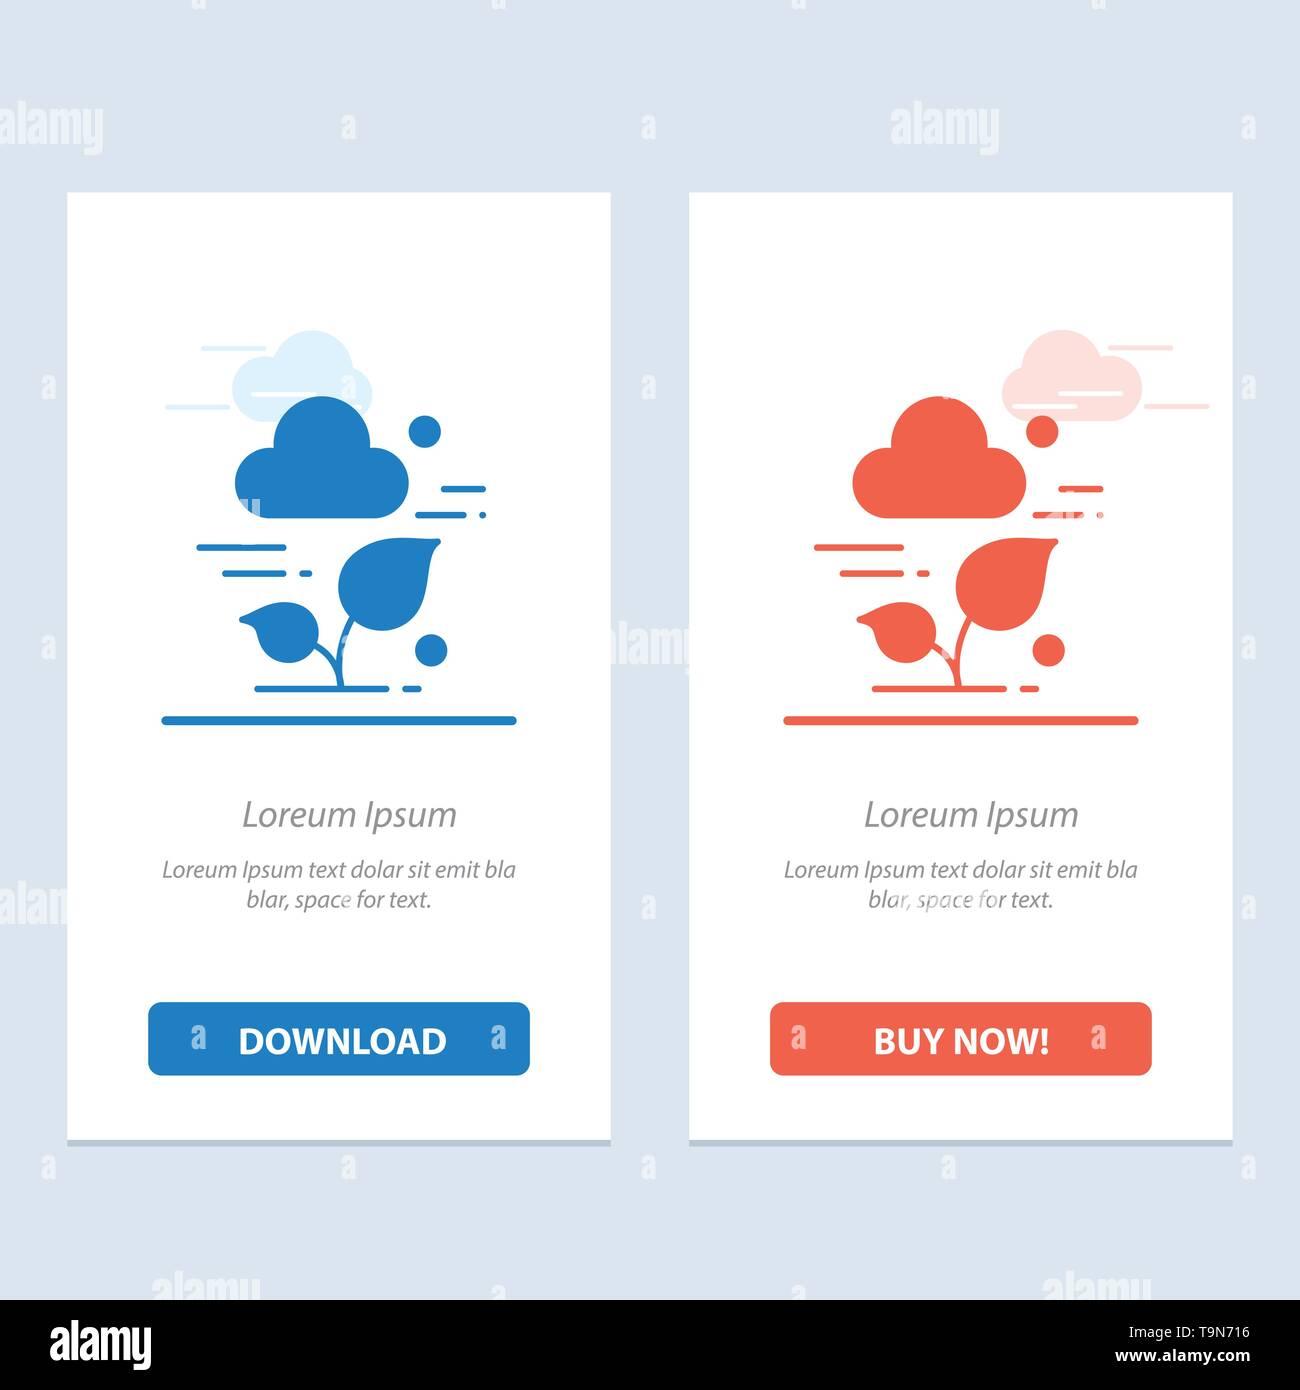 Pflanze, Cloud, Blatt, Technologie Blau und Rot Jetzt herunterladen und Web Widget Karte Vorlage kaufen Stockbild